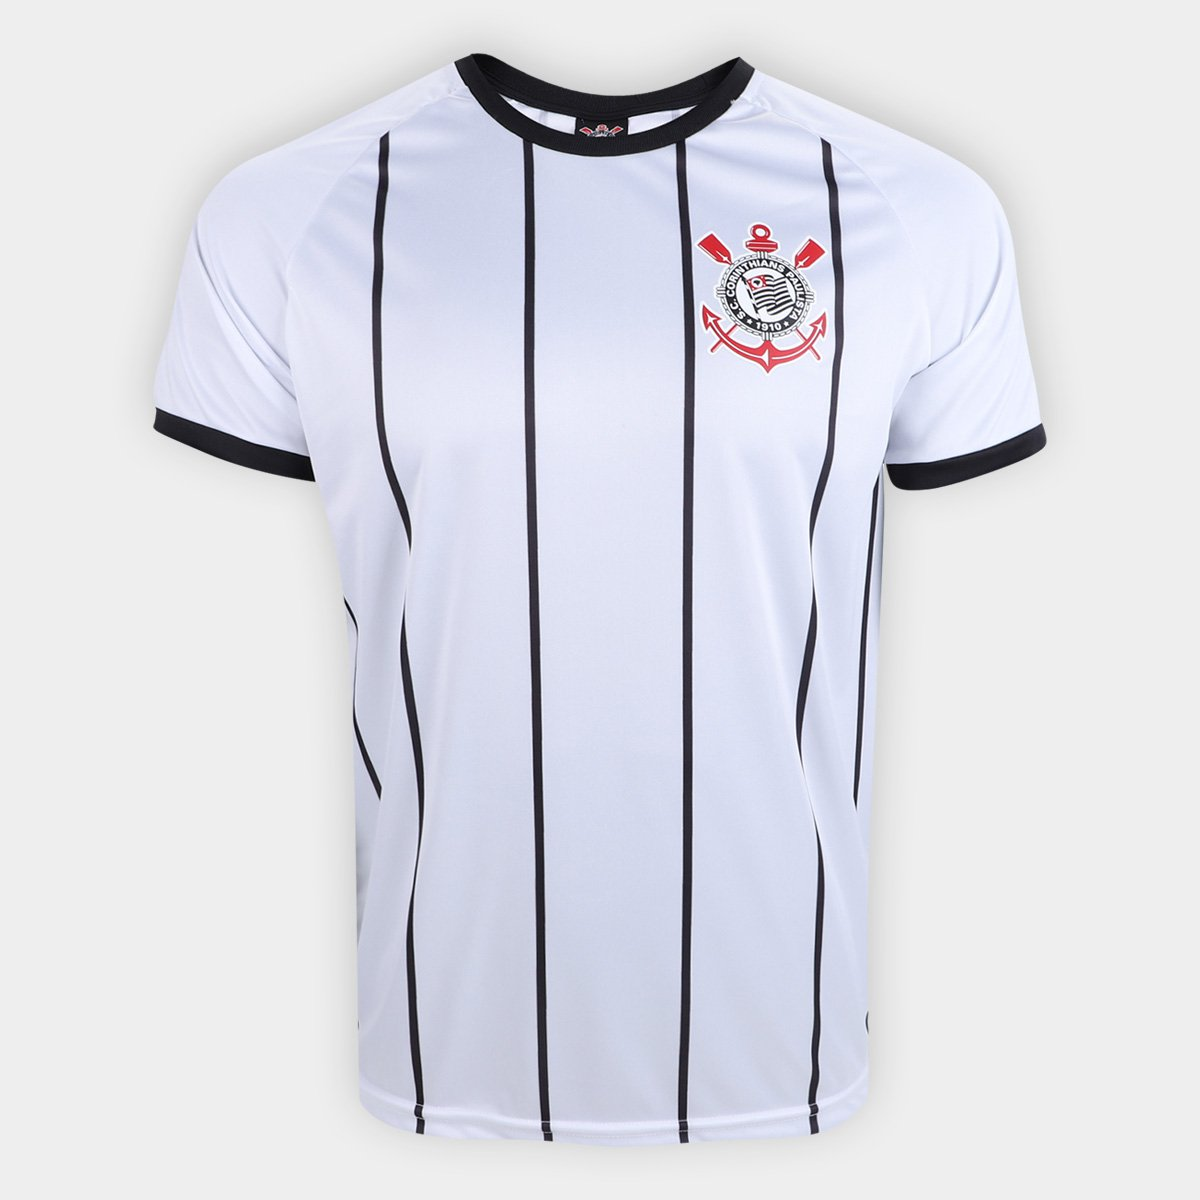 f76d910e99 Camisa Corinthians Fenomenal - Edição Limitada Torcedor Masculina - Branco+ Preto